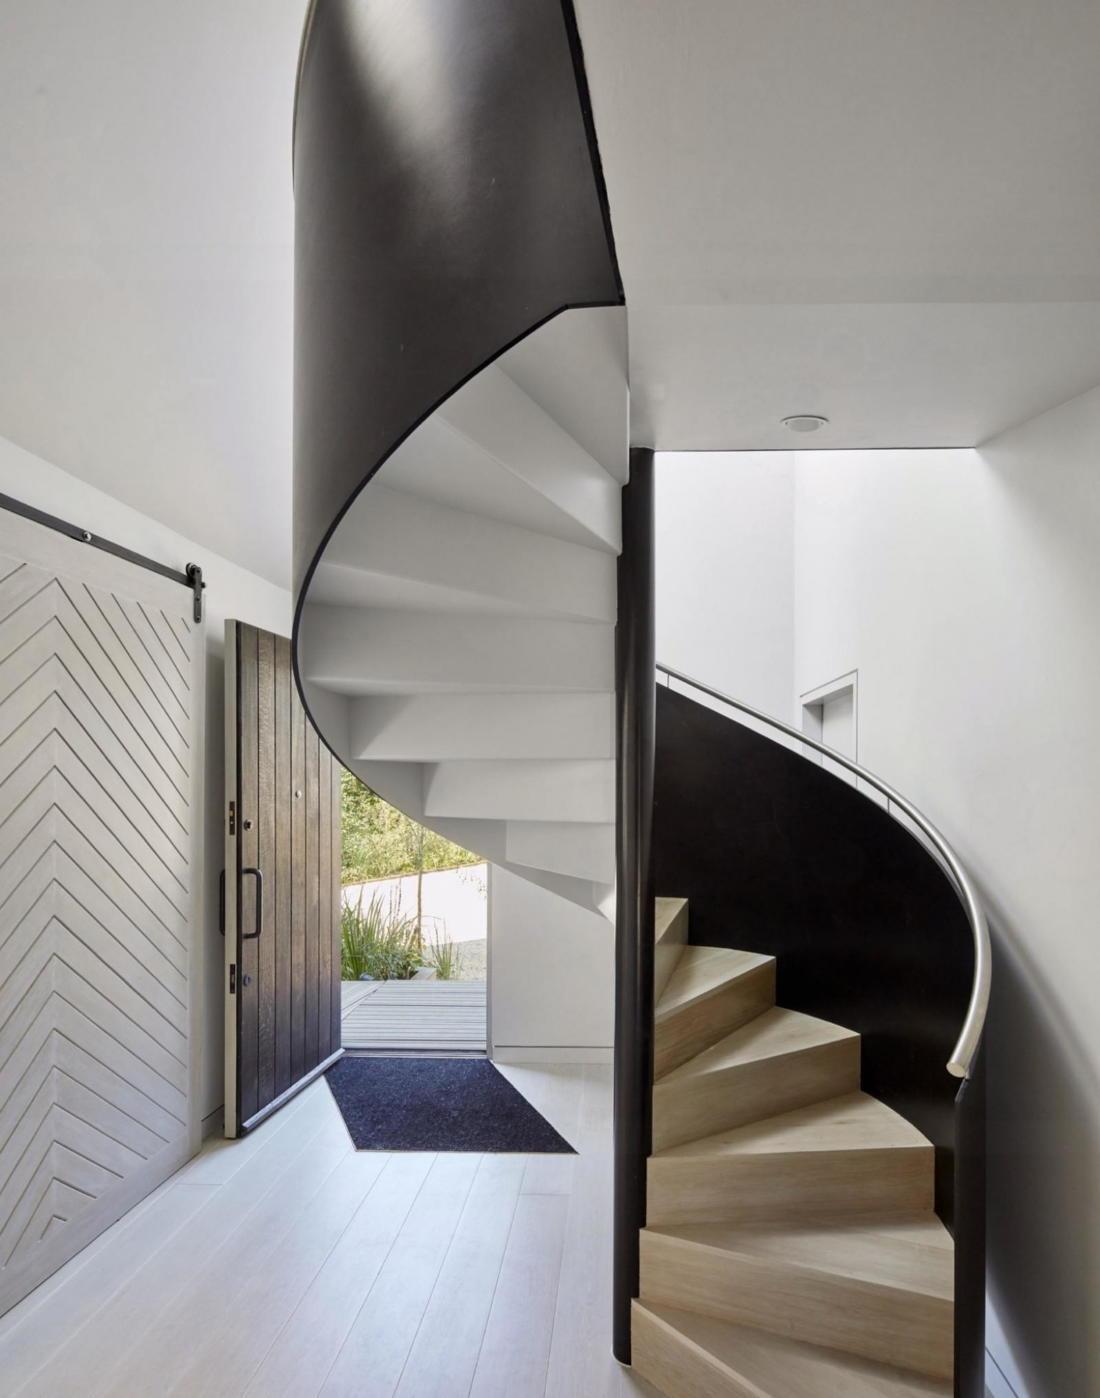 Дом на берегу озера от студии Platform 5 Architects 23